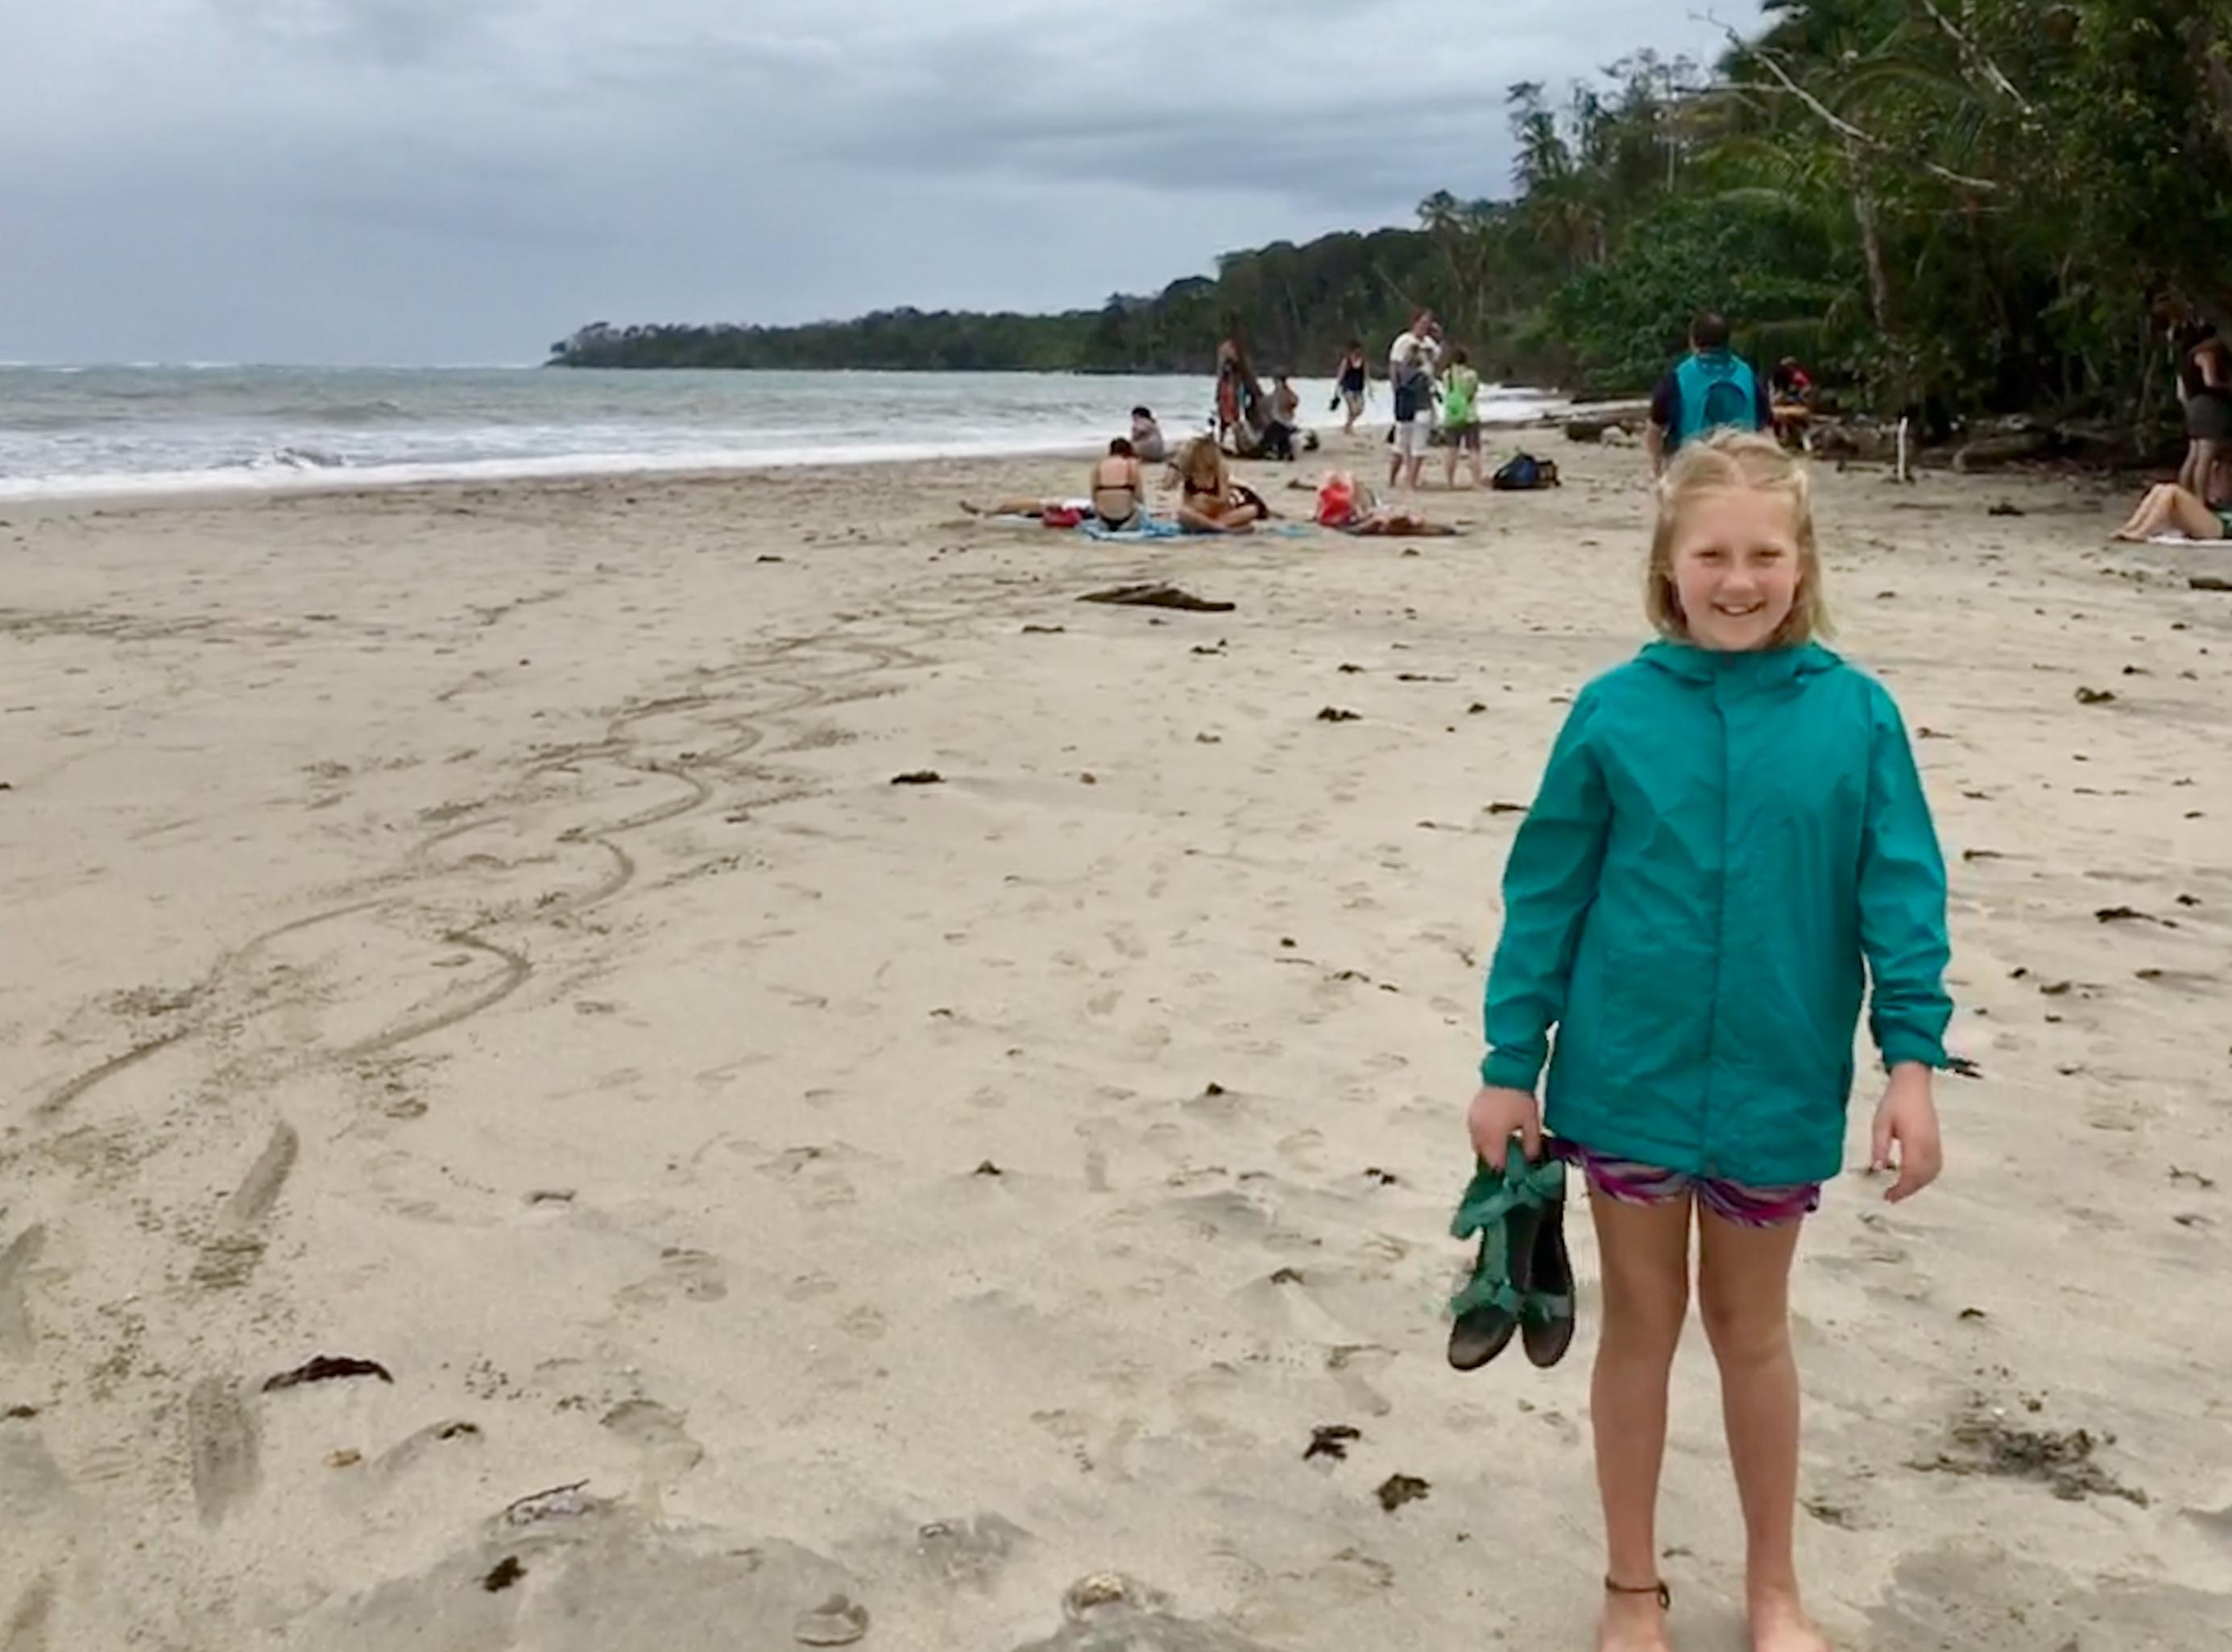 Audrey on the beach